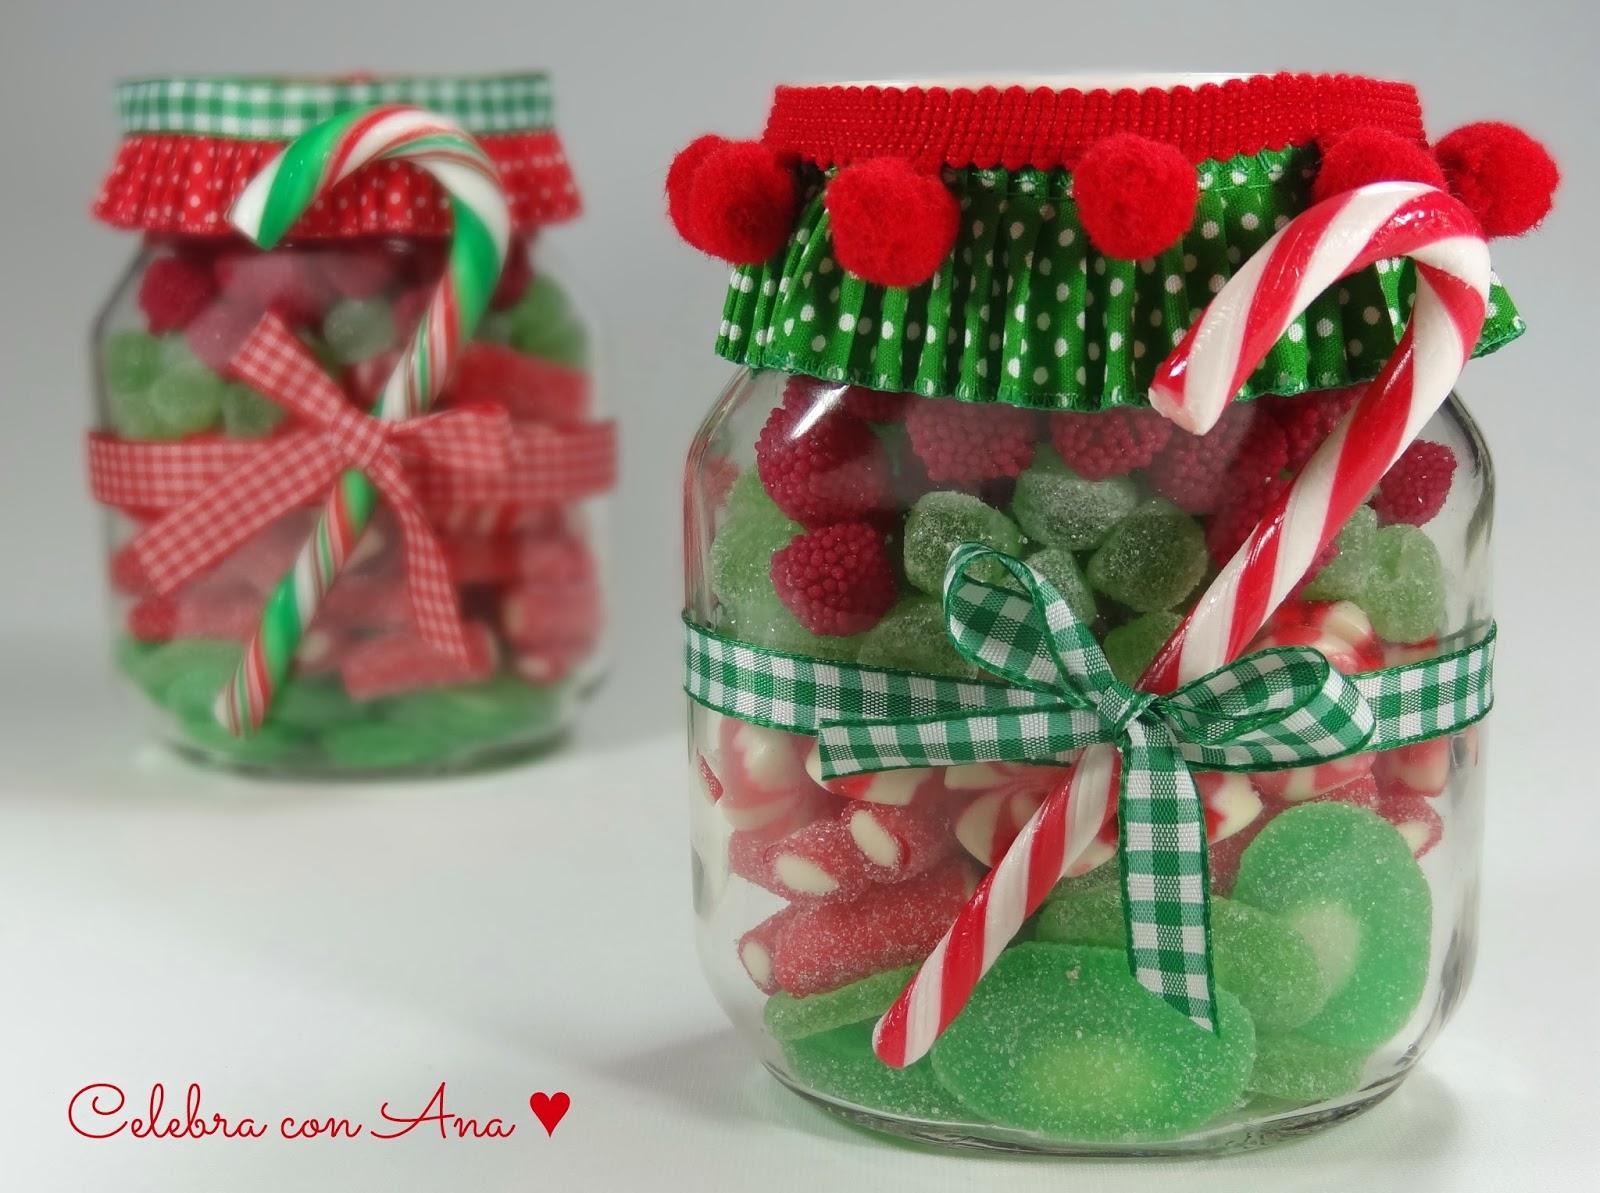 Celebra con ana compartiendo experiencias creativas for Manualidades souvenirs navidenos